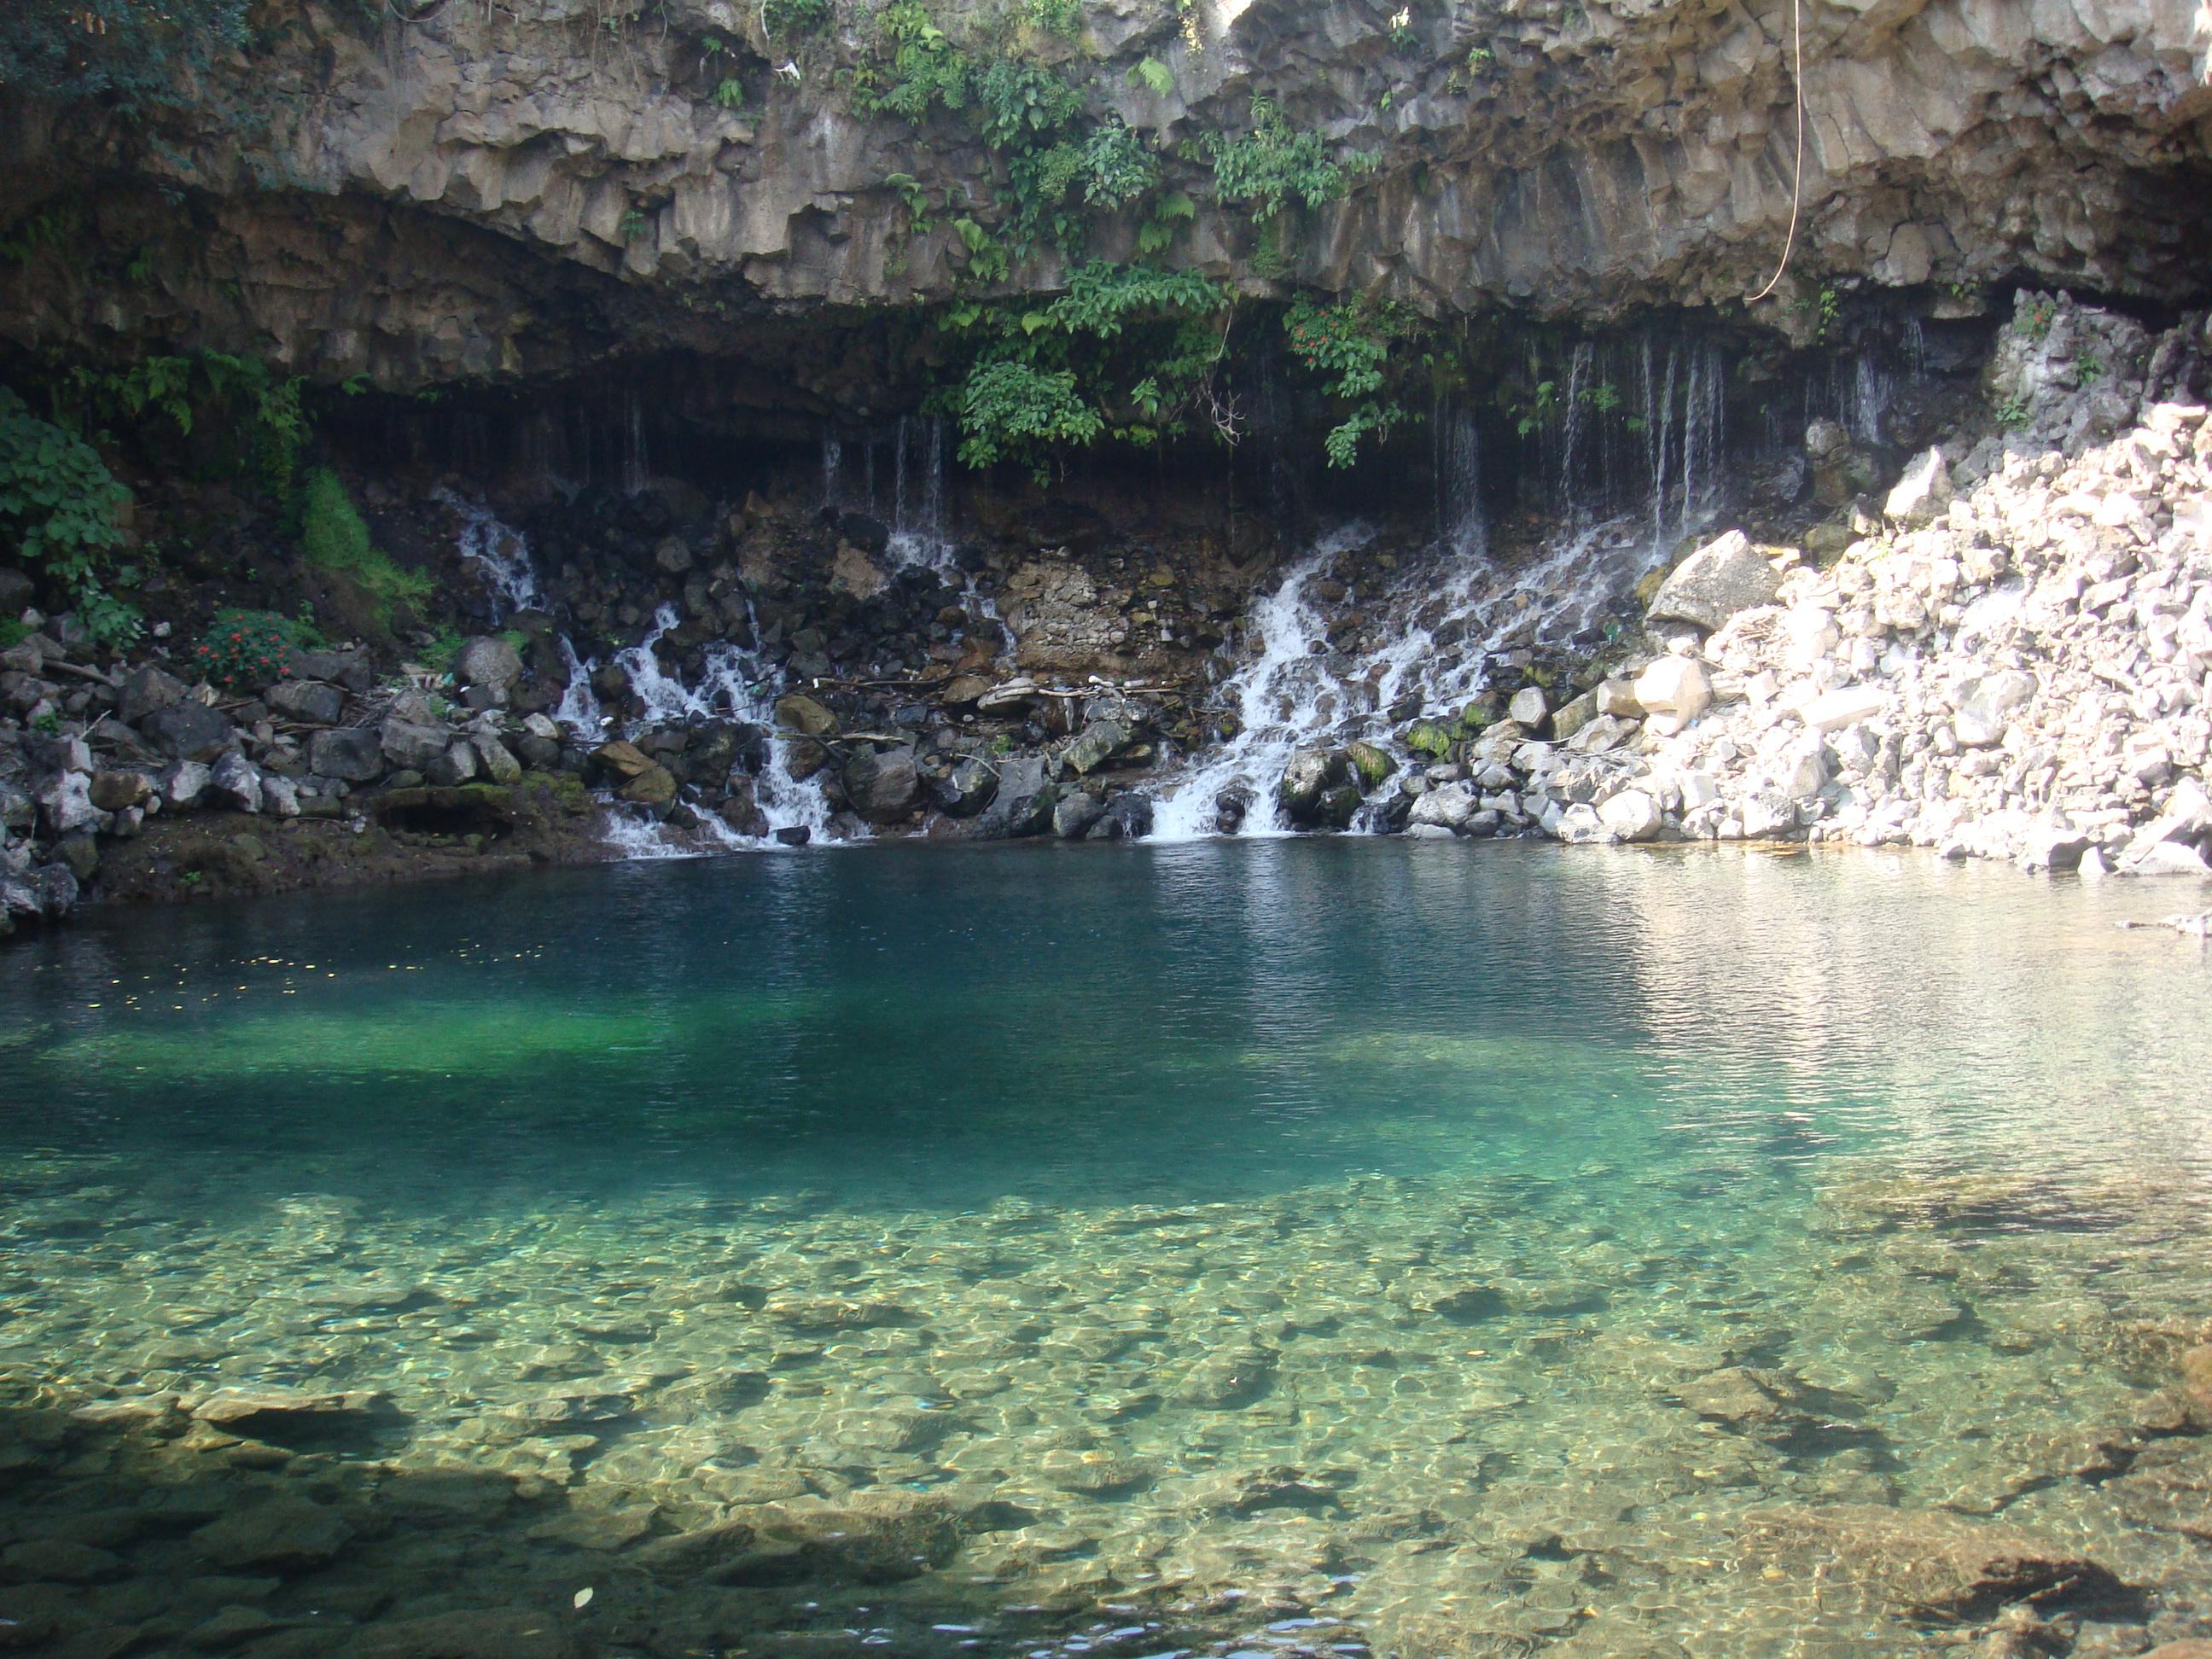 Pancho Poza | Esta caida es uno de los afluentes que